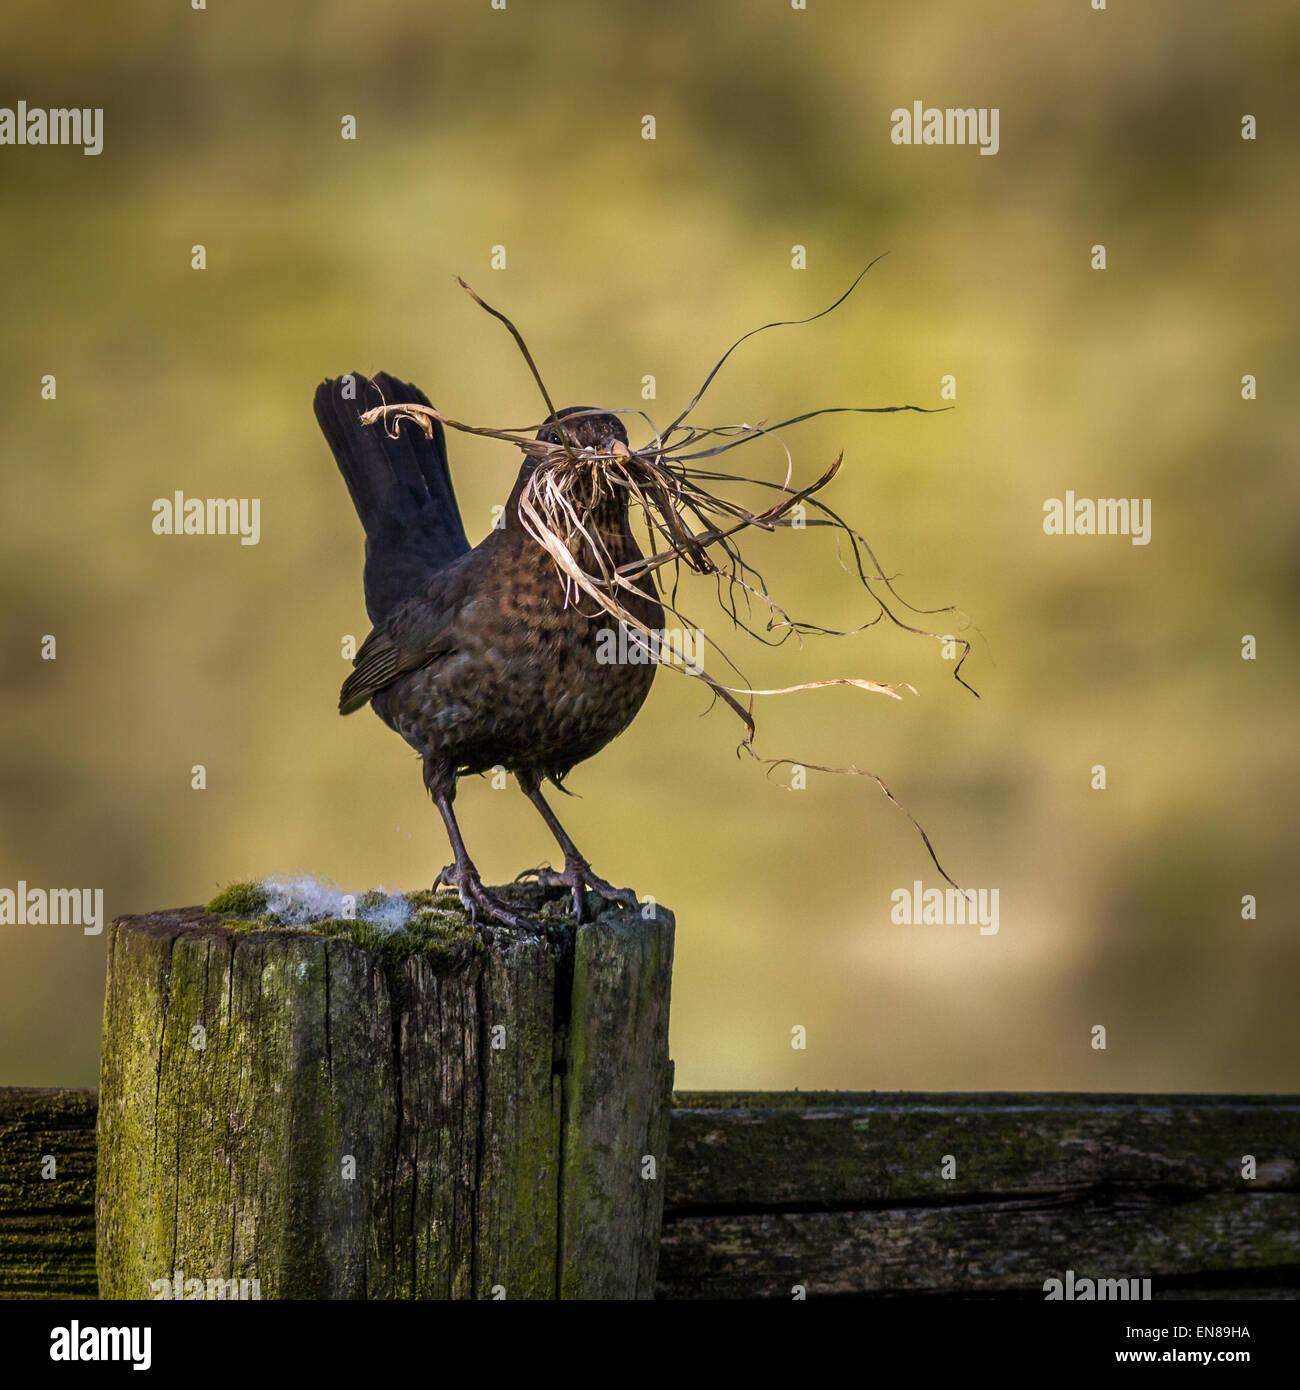 Female blackbird with a beak full of nesting material, Yorkshire, UK - Stock Image